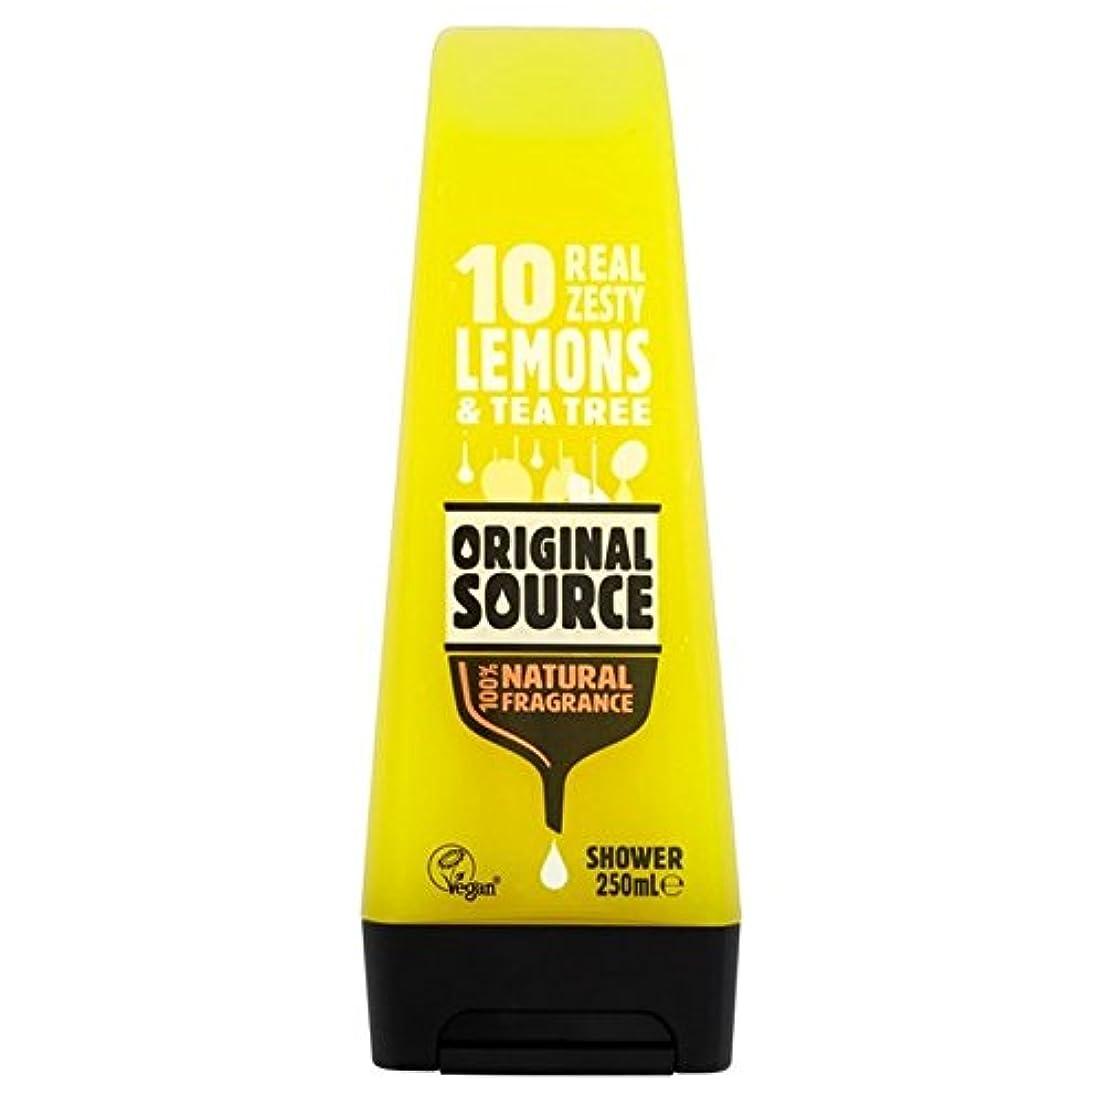 再生シプリー正当な元のソースのレモンシャワージェル250ミリリットル x4 - Original Source Lemon Shower Gel 250ml (Pack of 4) [並行輸入品]